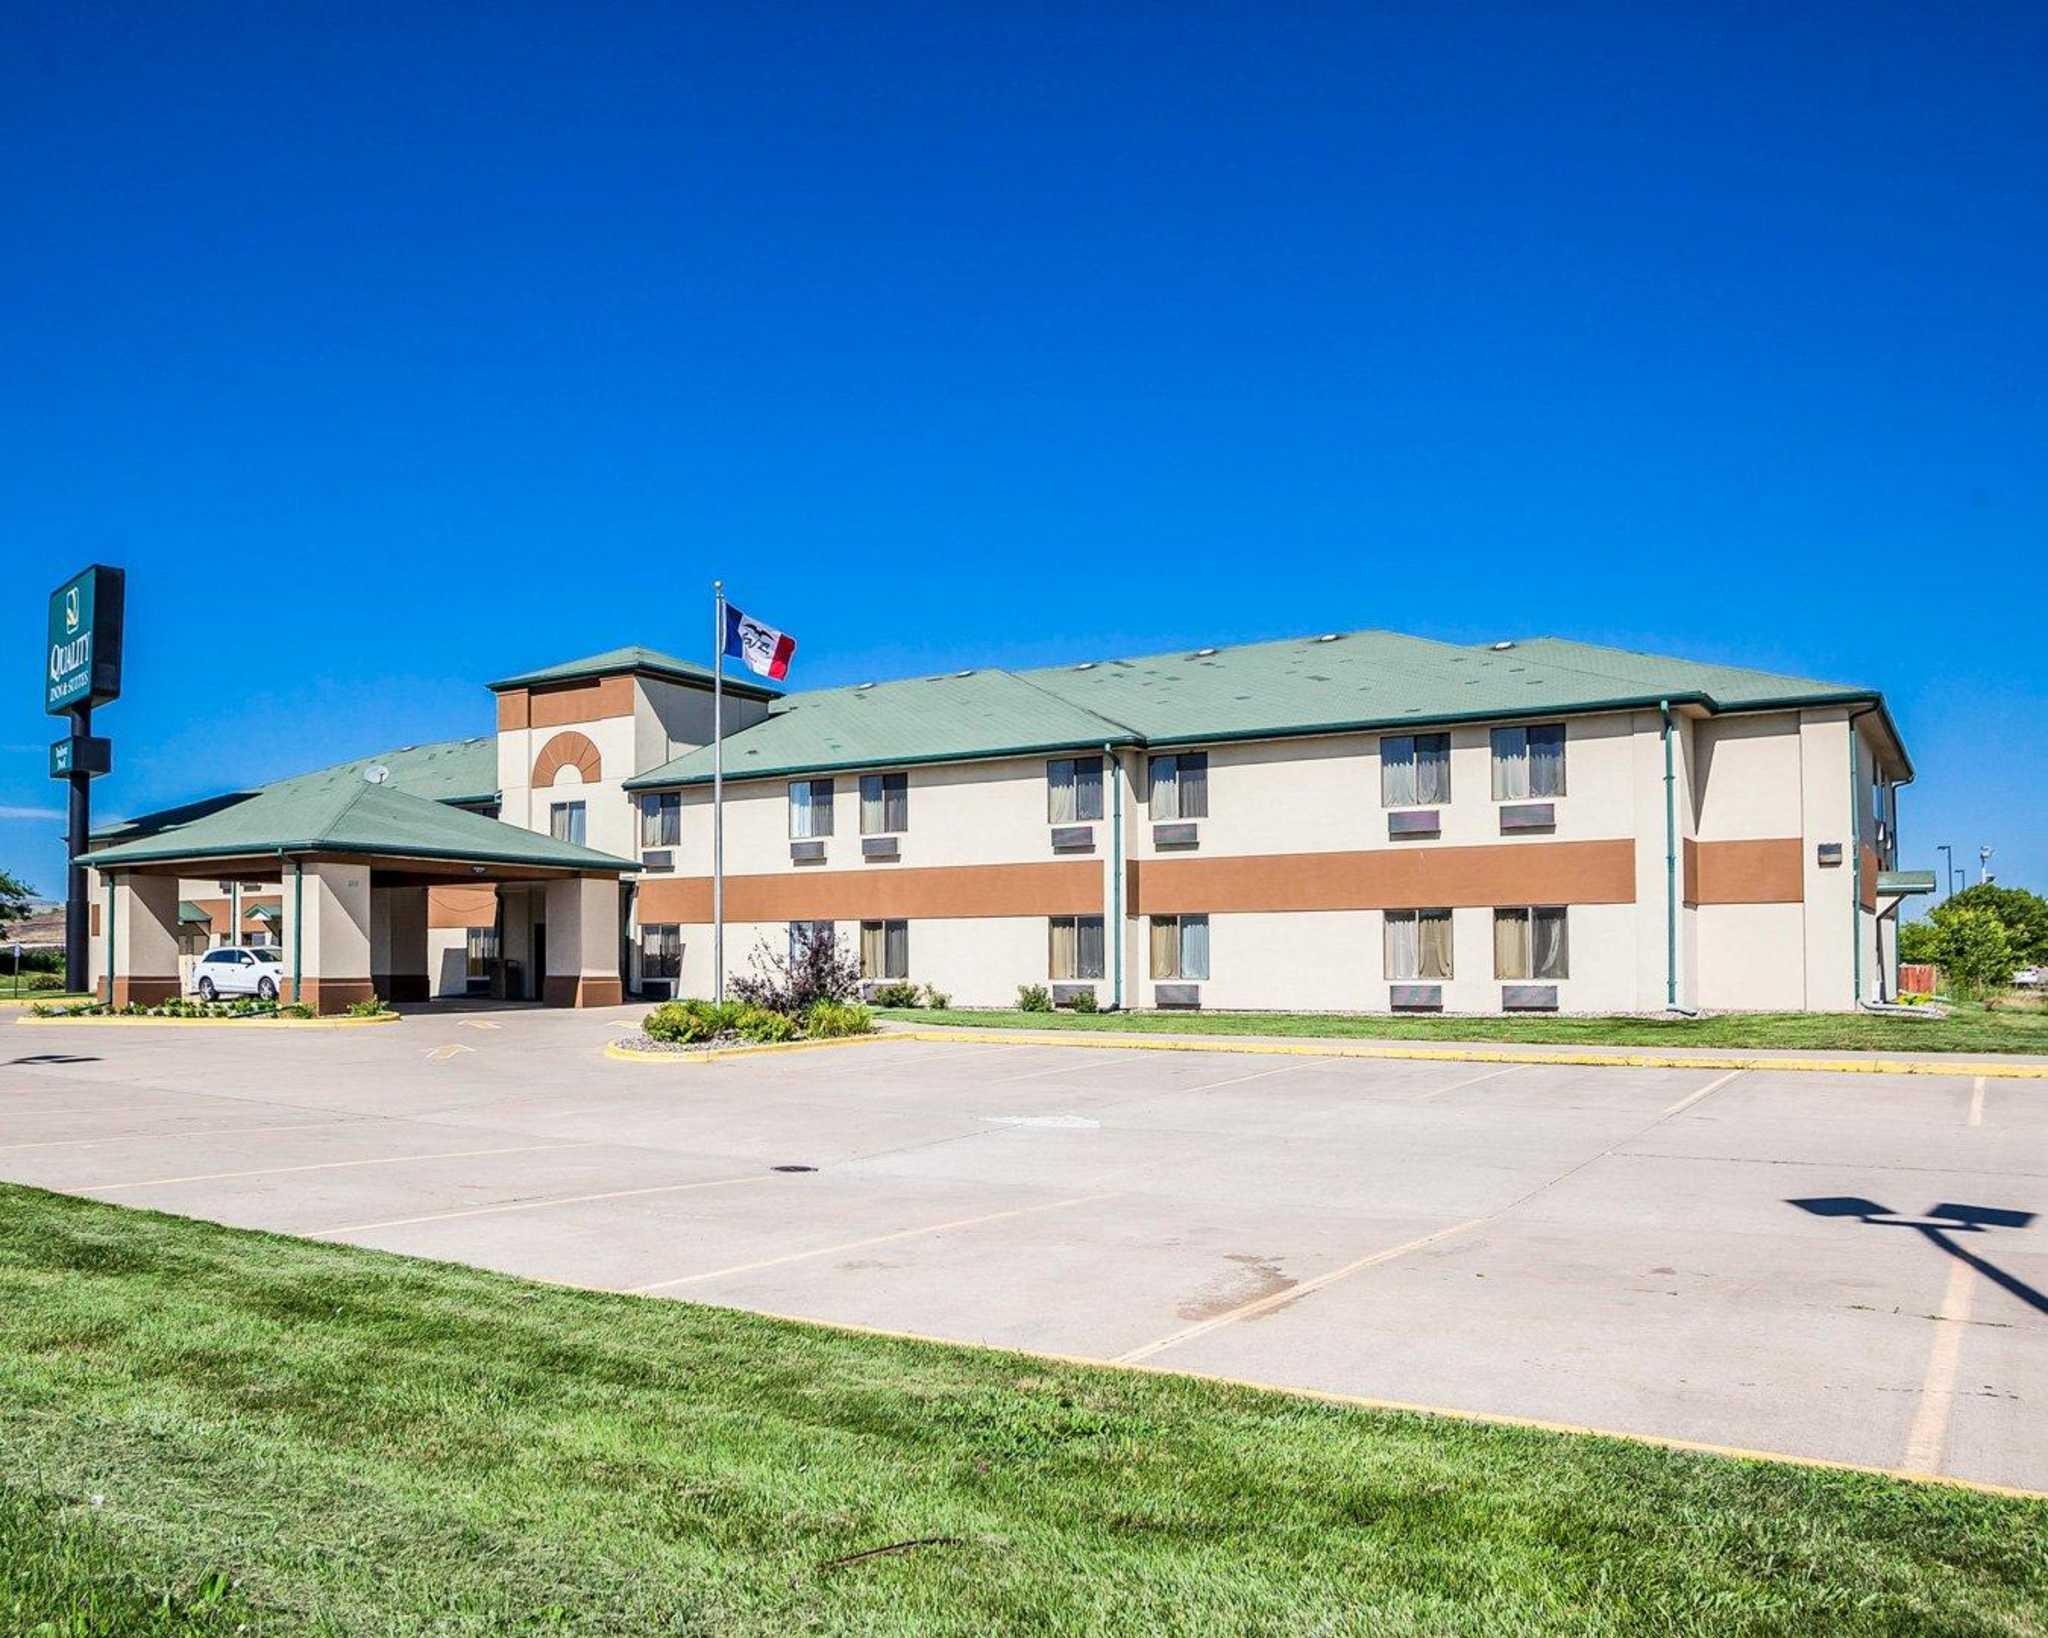 Quality Inn & Suites Altoona - Des Moines image 2